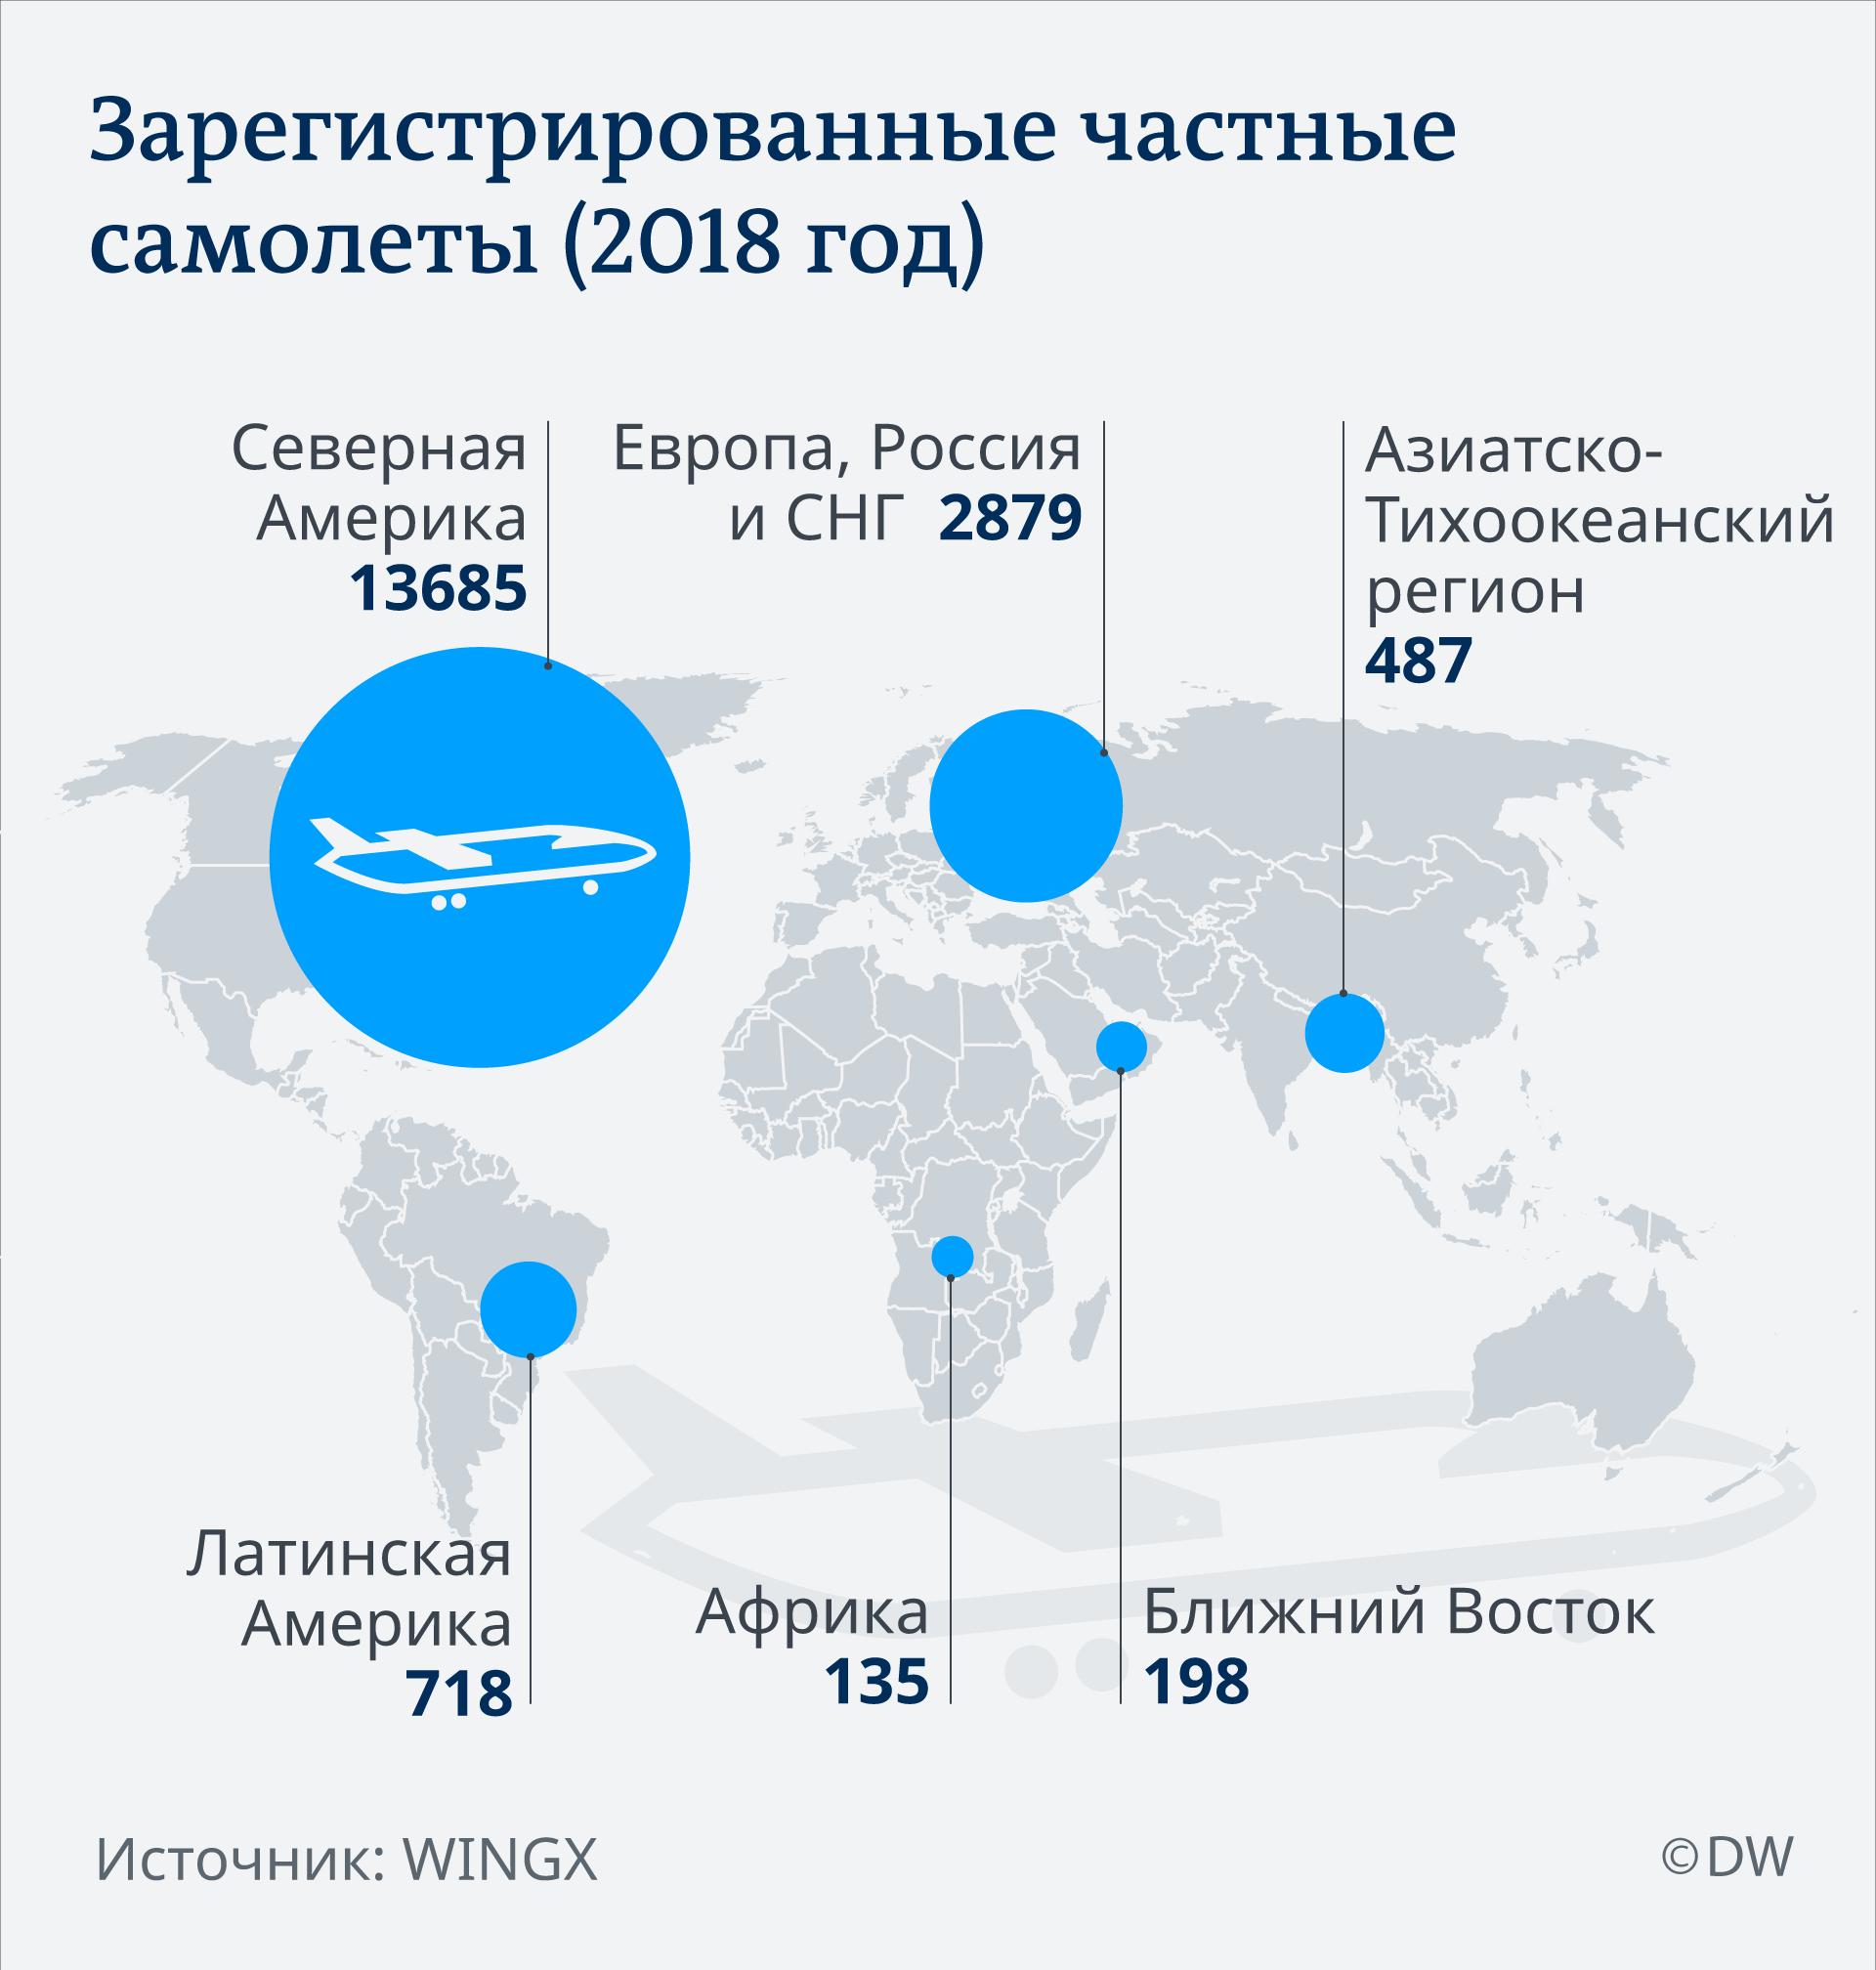 Инфографика: зарегистрированные частные самолеты, данные за 2018 год